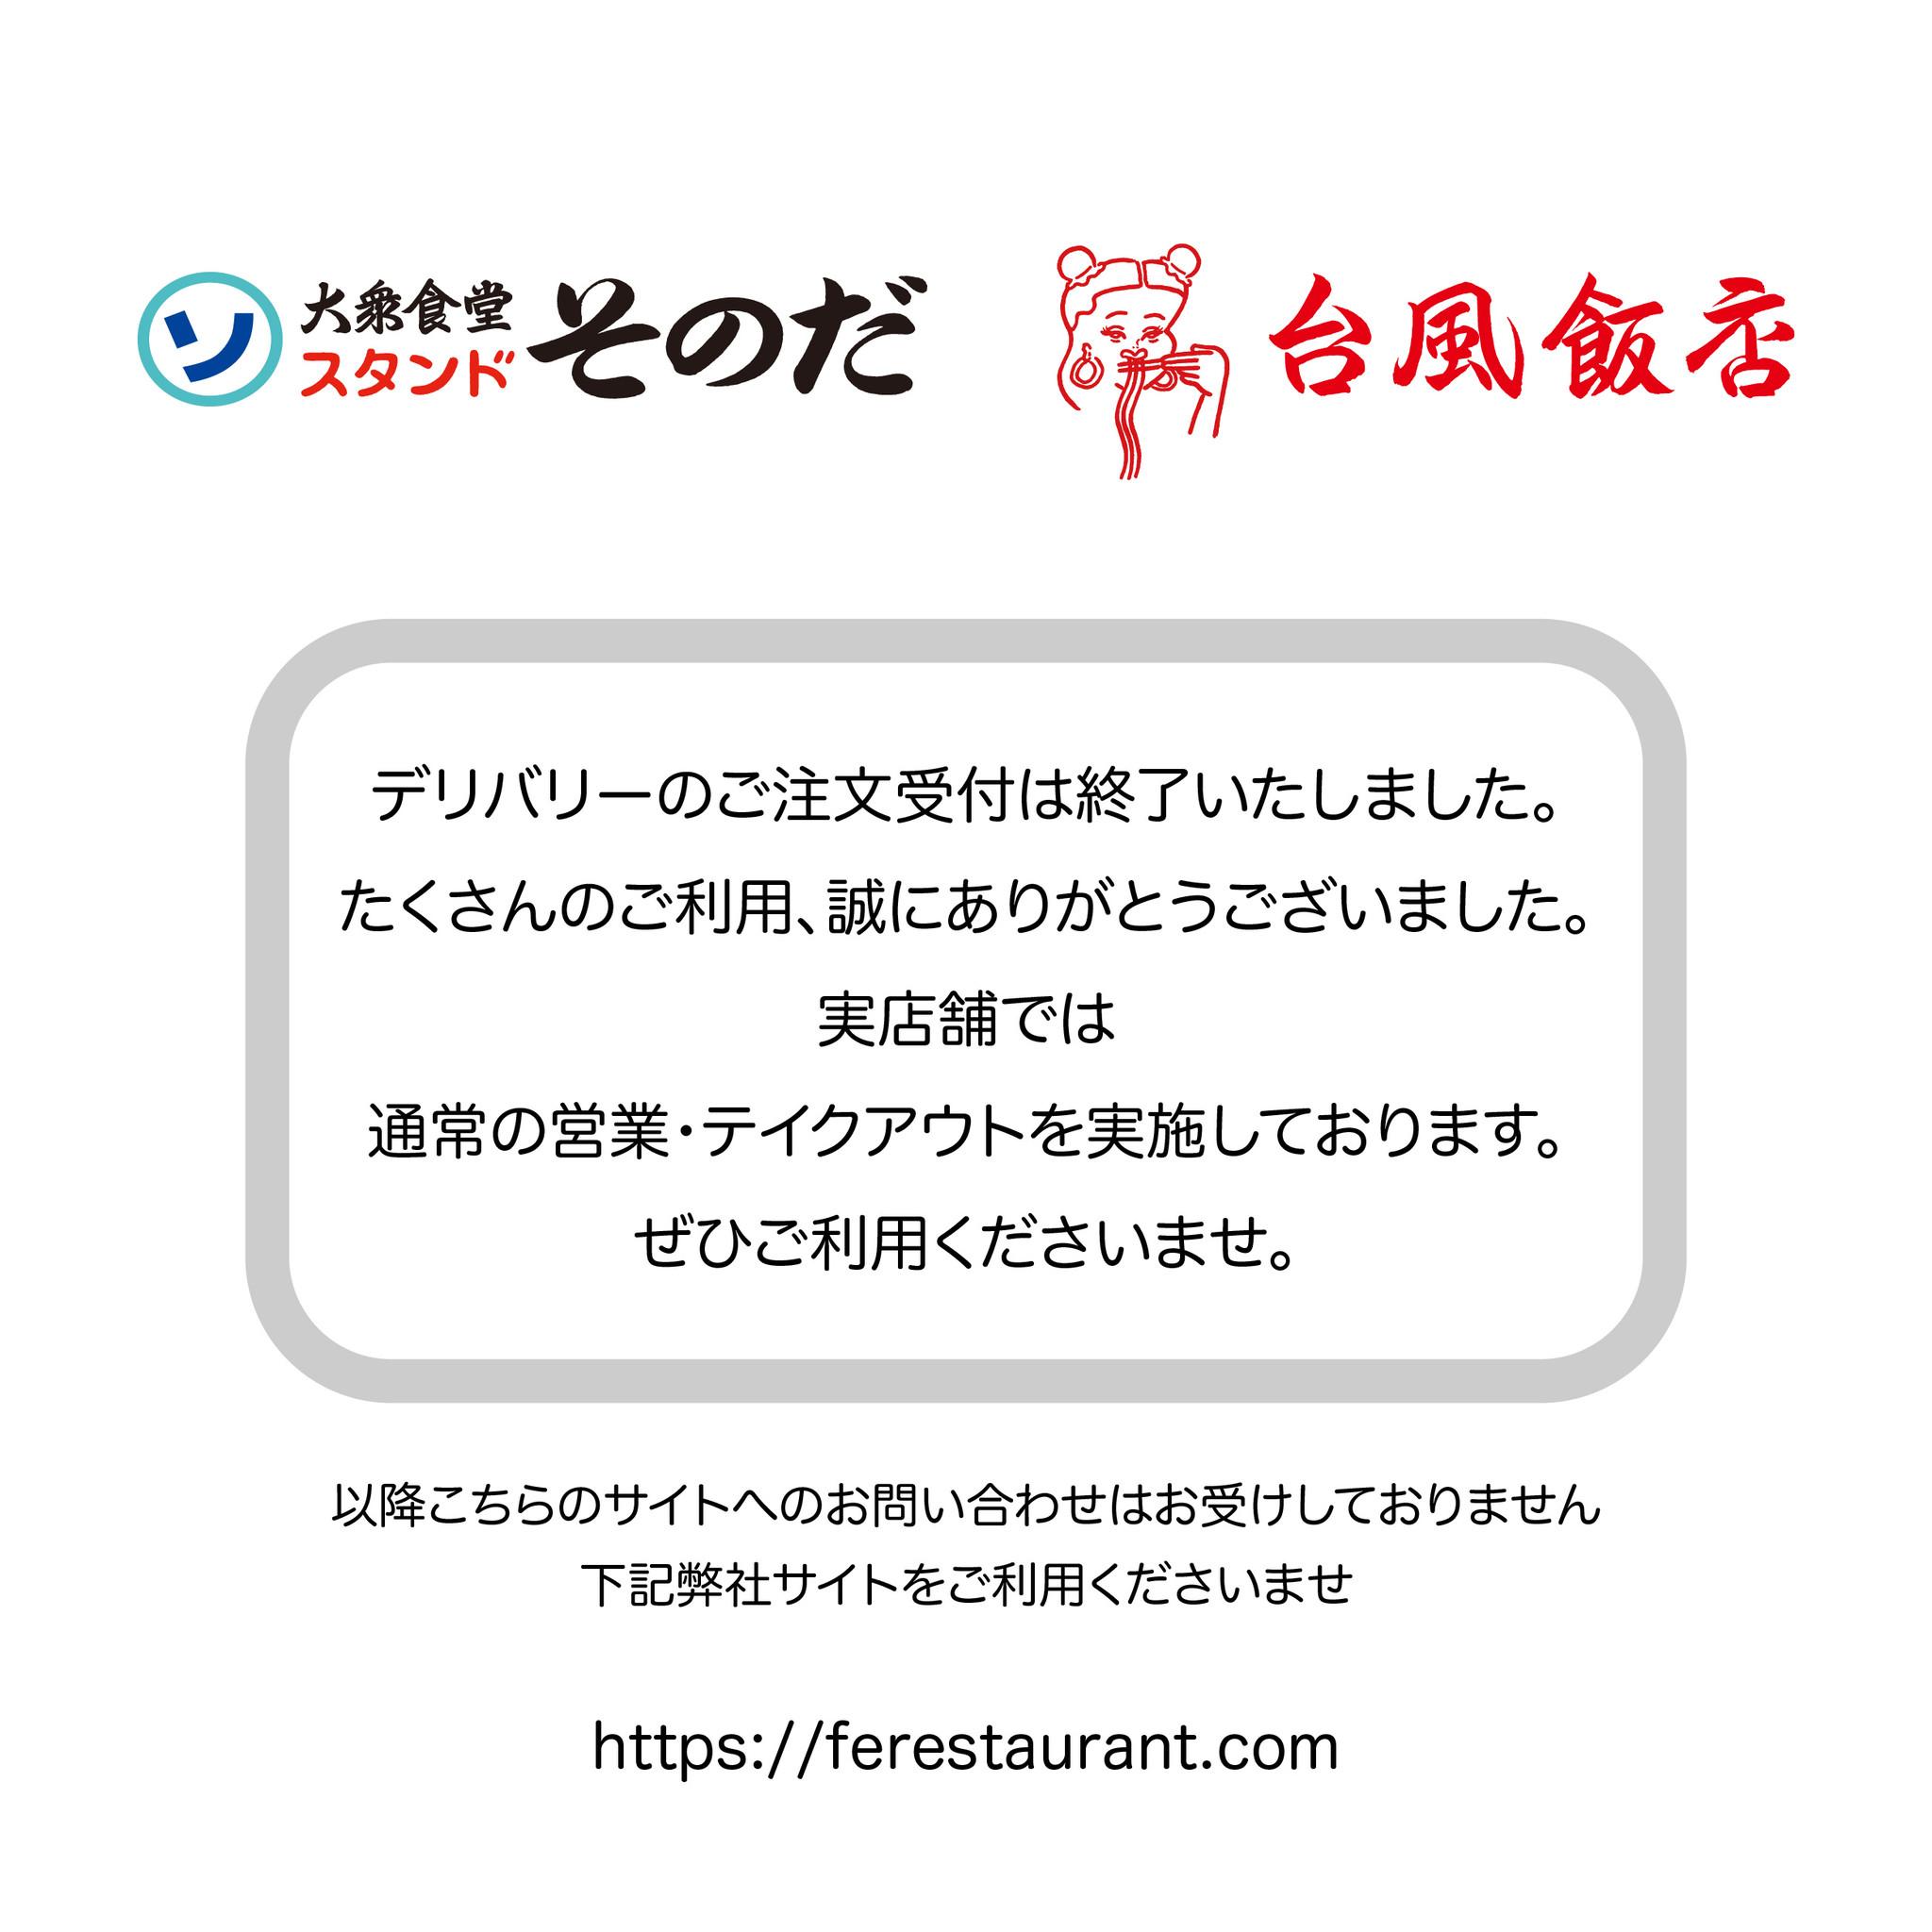 大衆食堂スタンドそのだ・台風飯店(大阪市内限定配送)